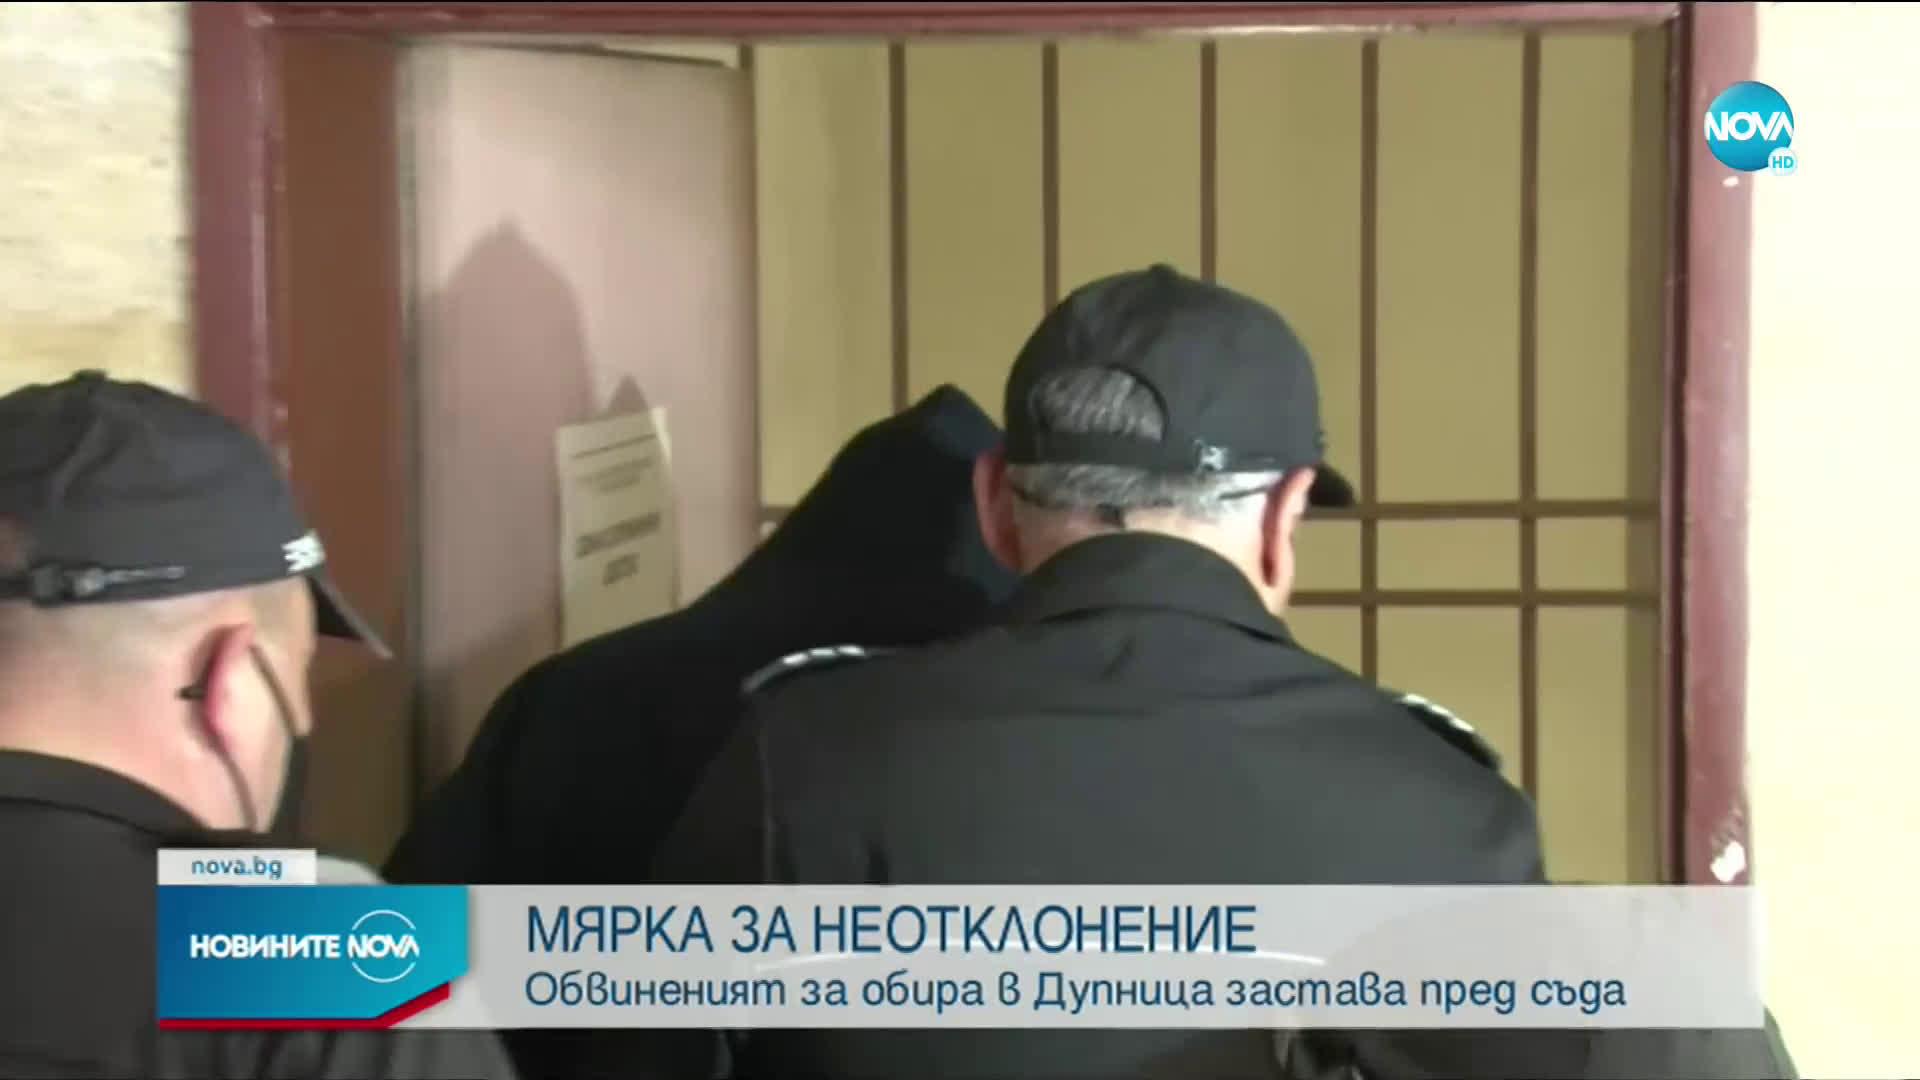 Оставиха в ареста обвинения за обира на банка в Дупница